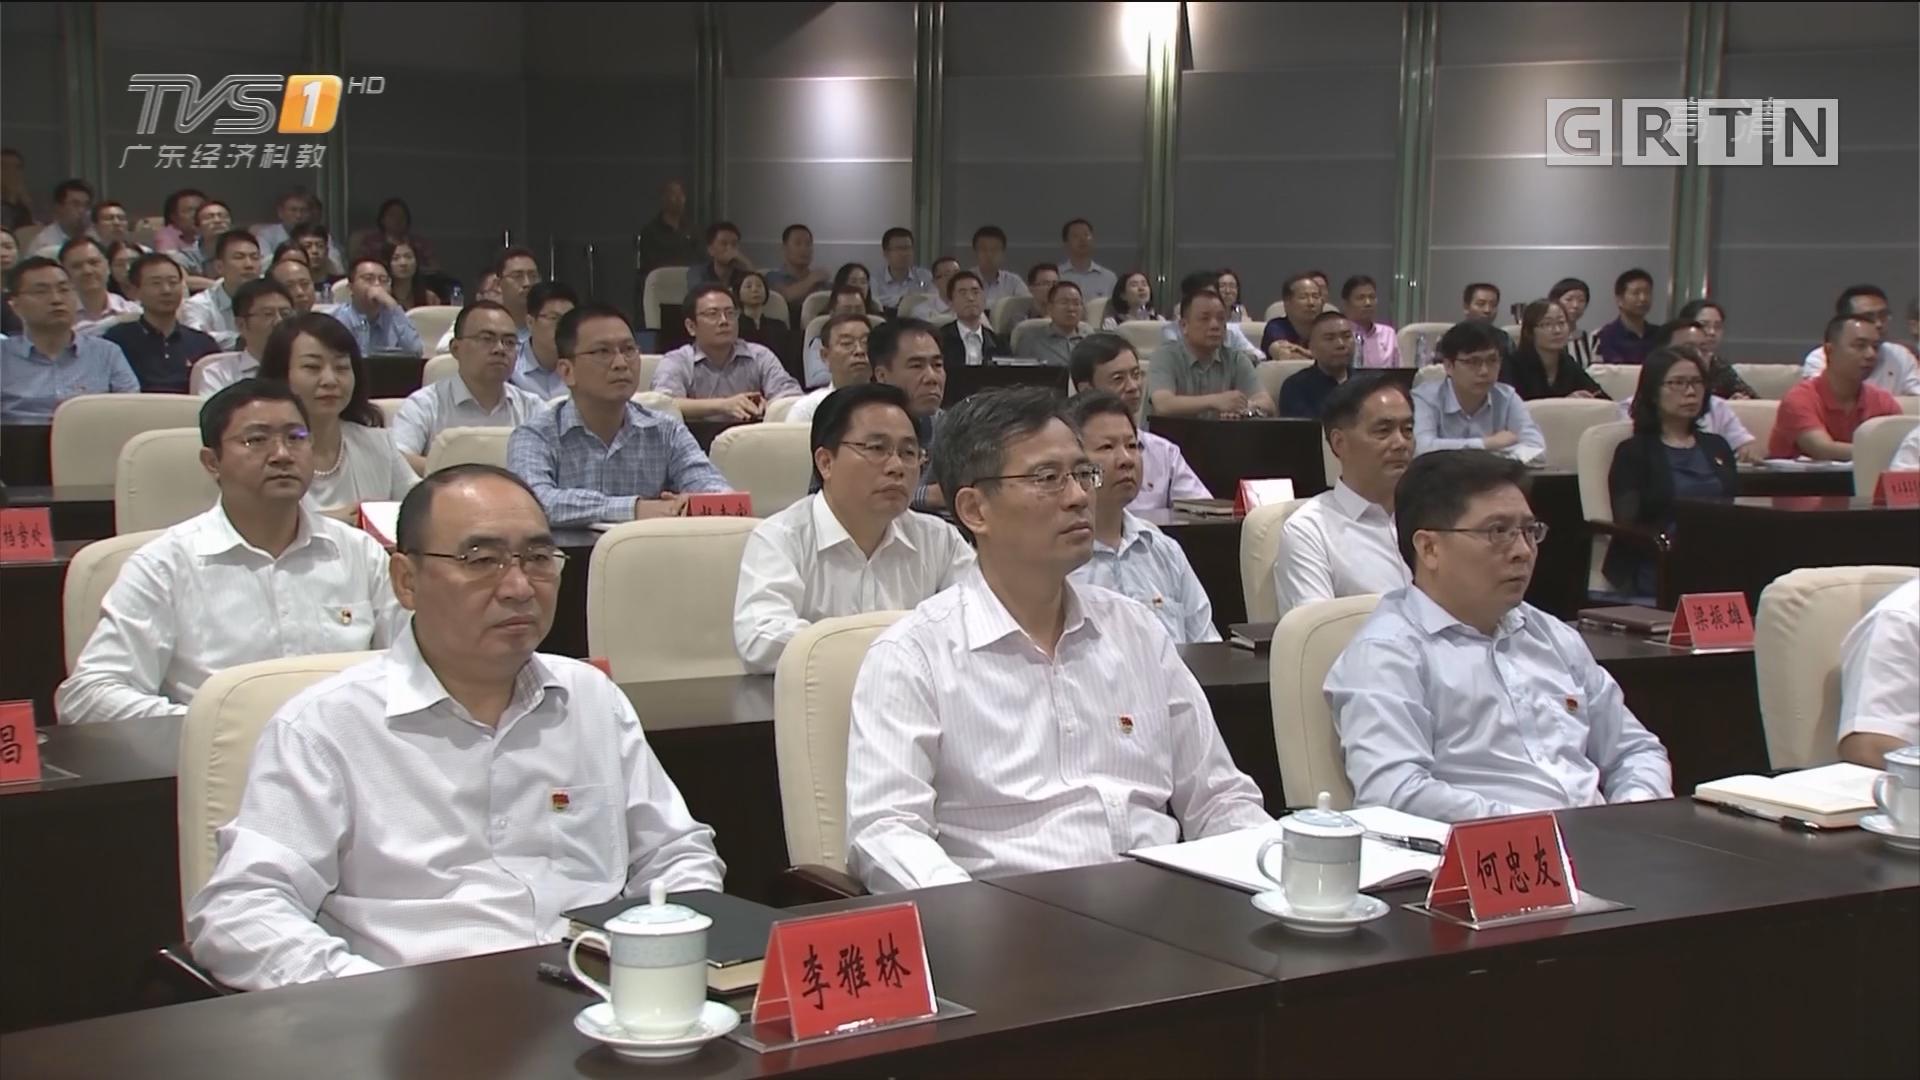 聚集十九大:广东党政机关干部职工收看十九大开幕